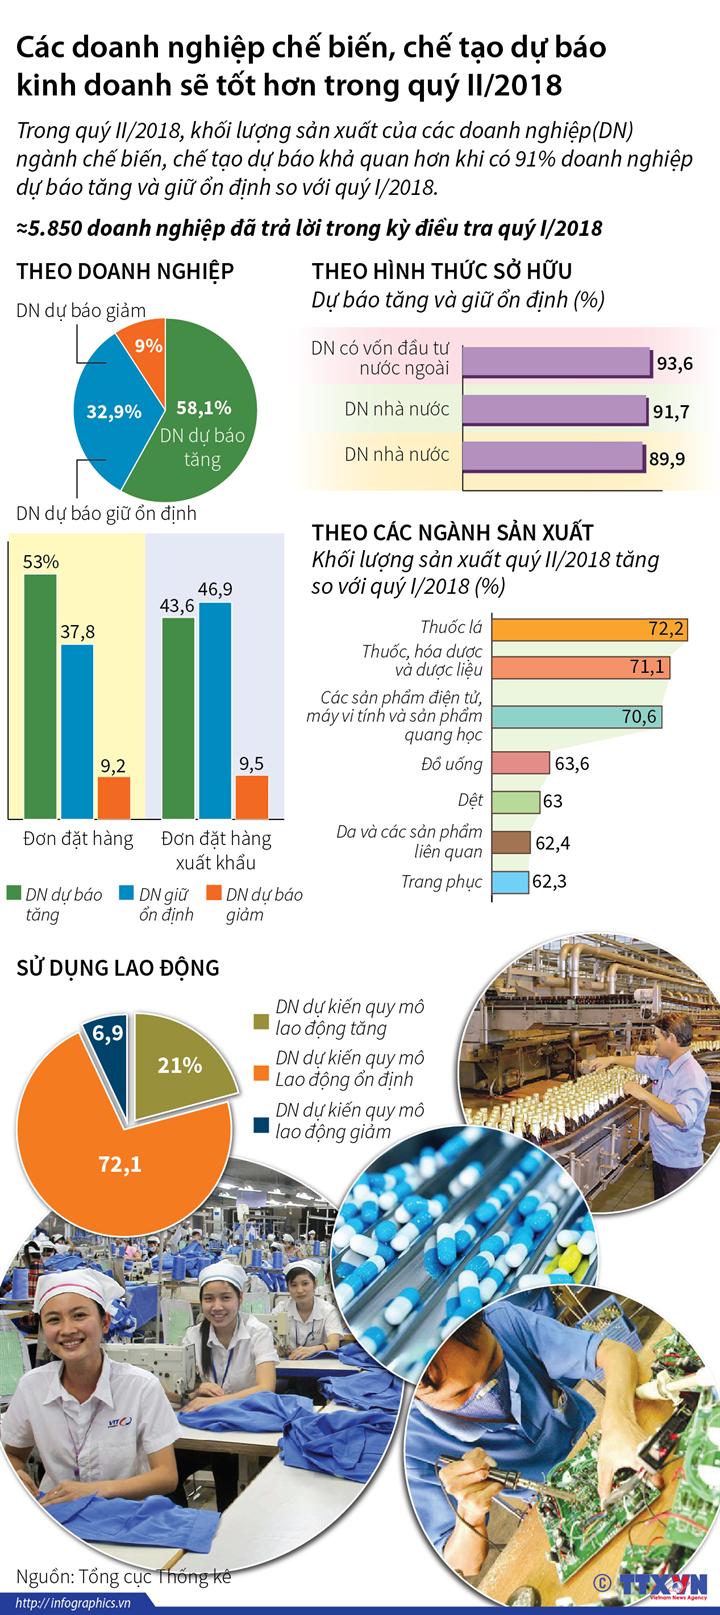 Các doanh nghiệp chế biến, chế tạo dự báo kinh doanh sẽ tốt hơn trong quý II/2018